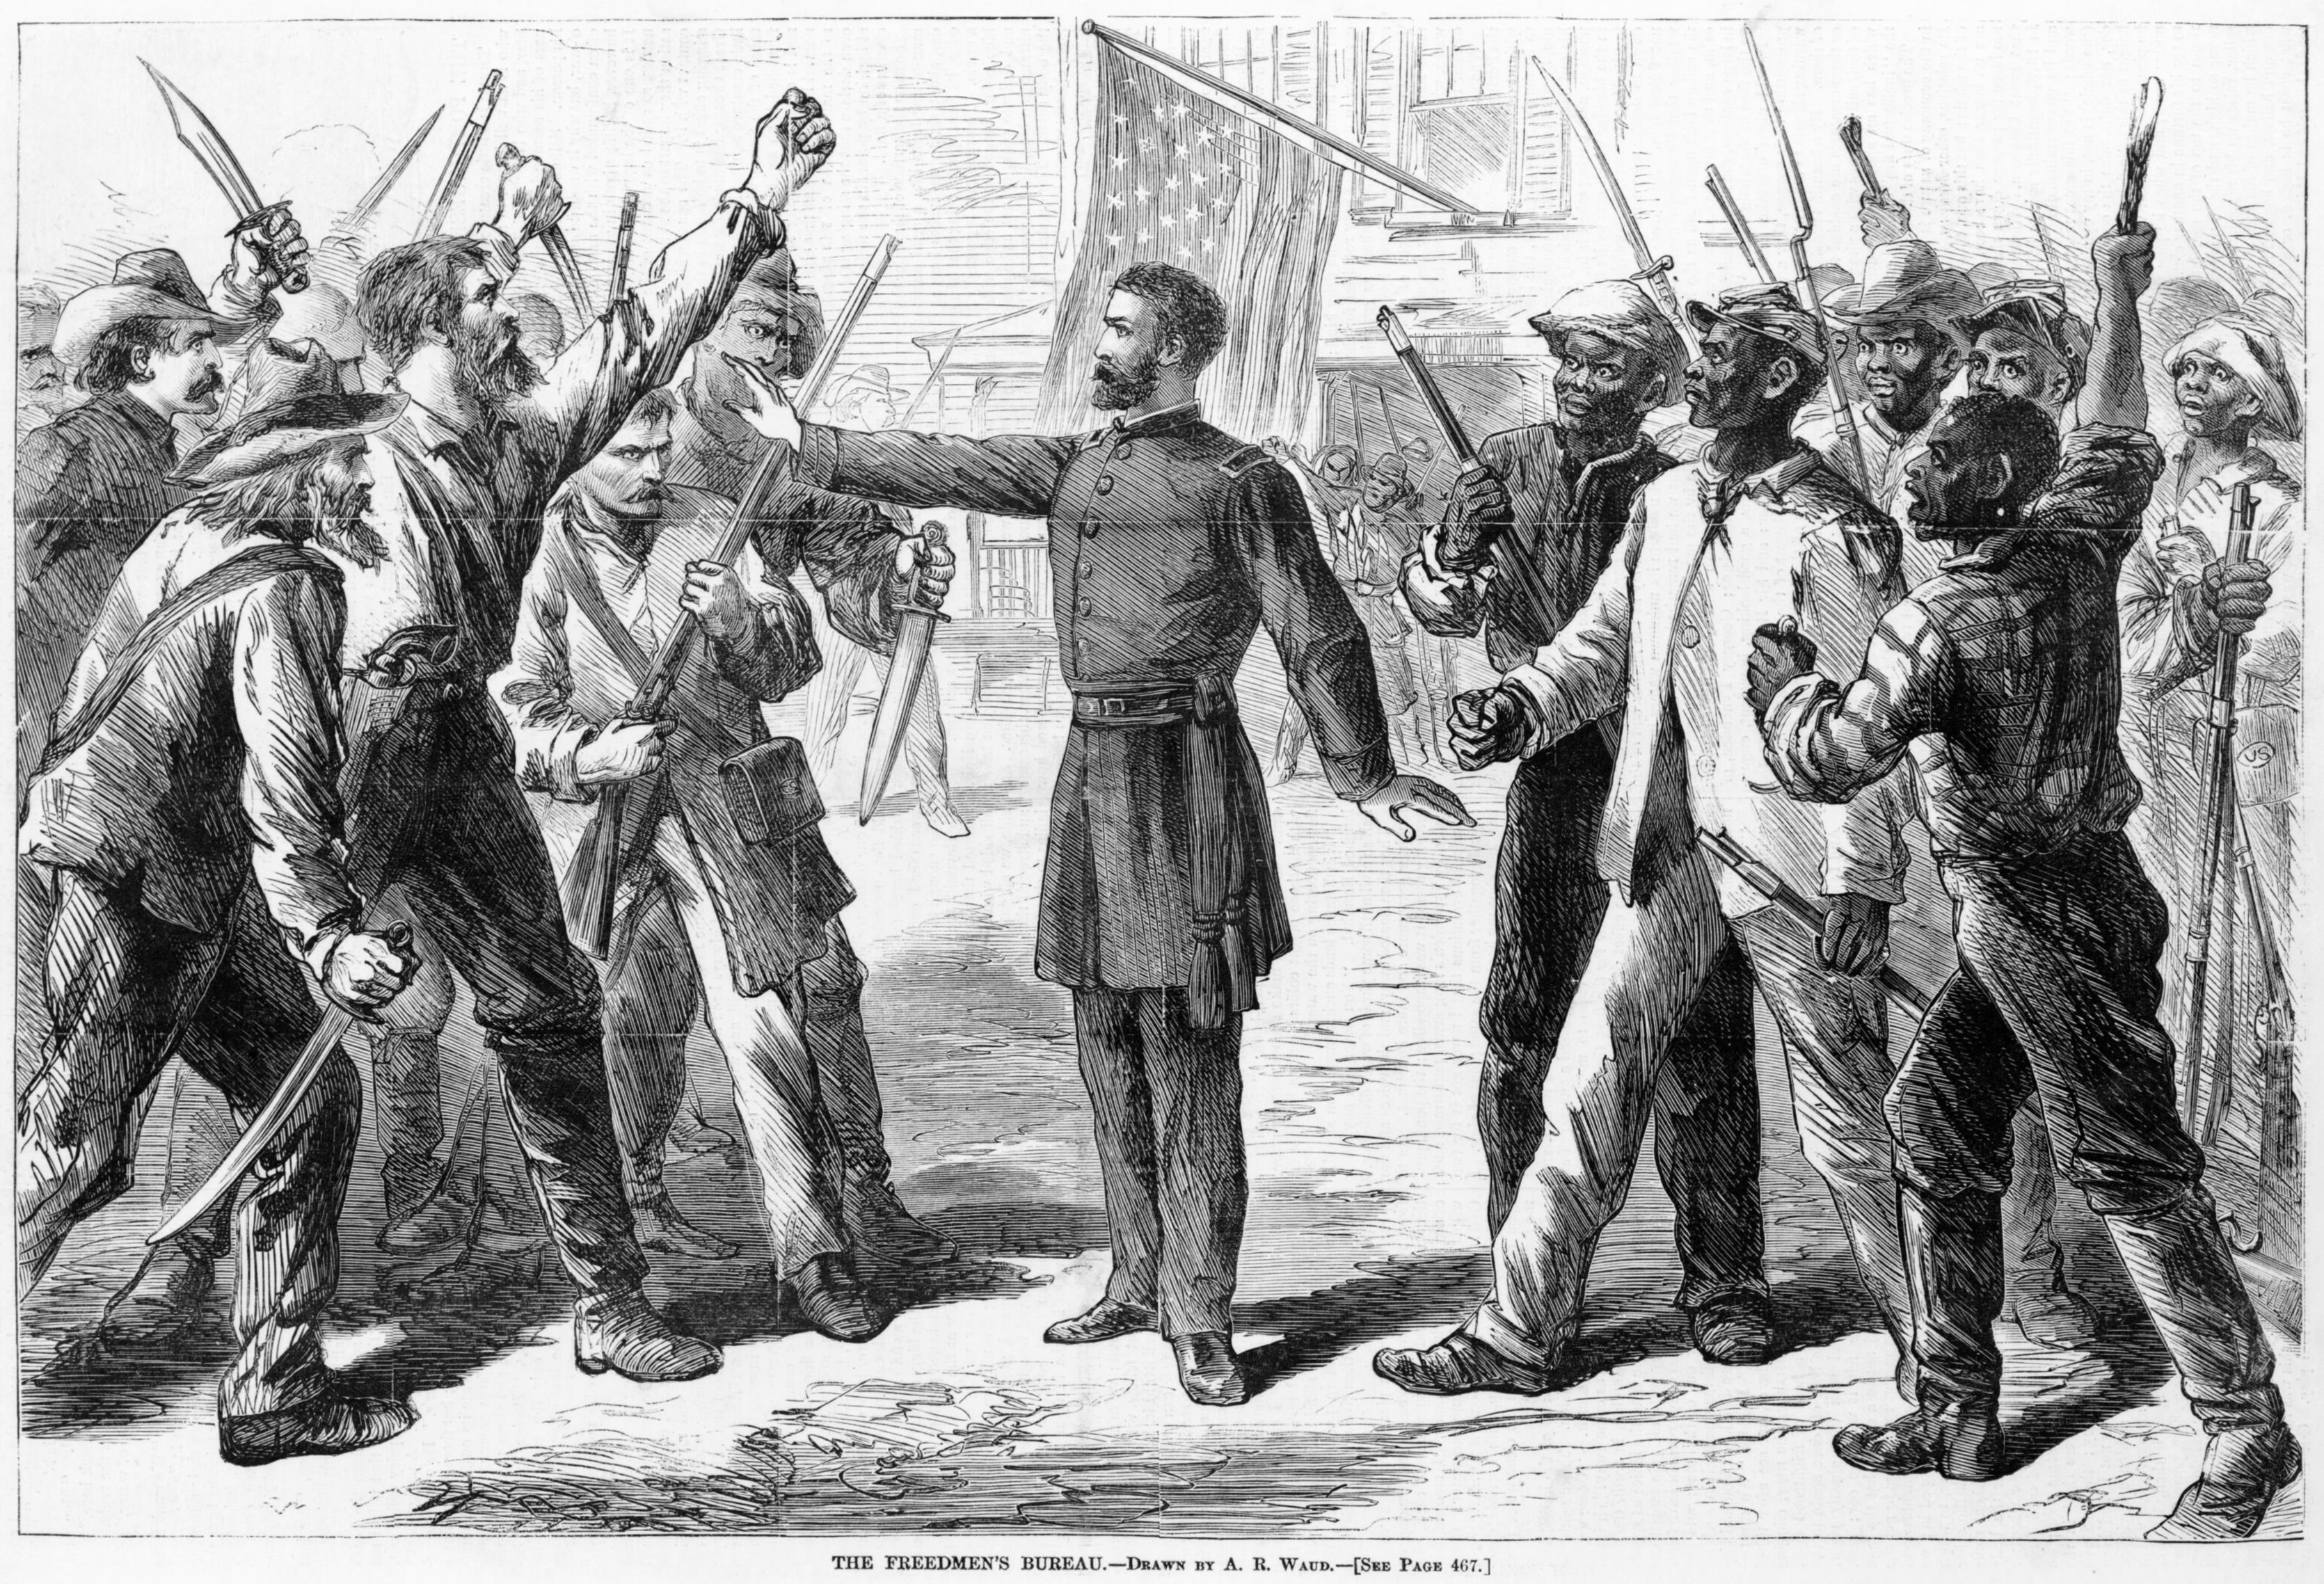 The Freedmen's Bureau, Drawn by A.R. Waud, Harper's Weekly, 25 July 1868